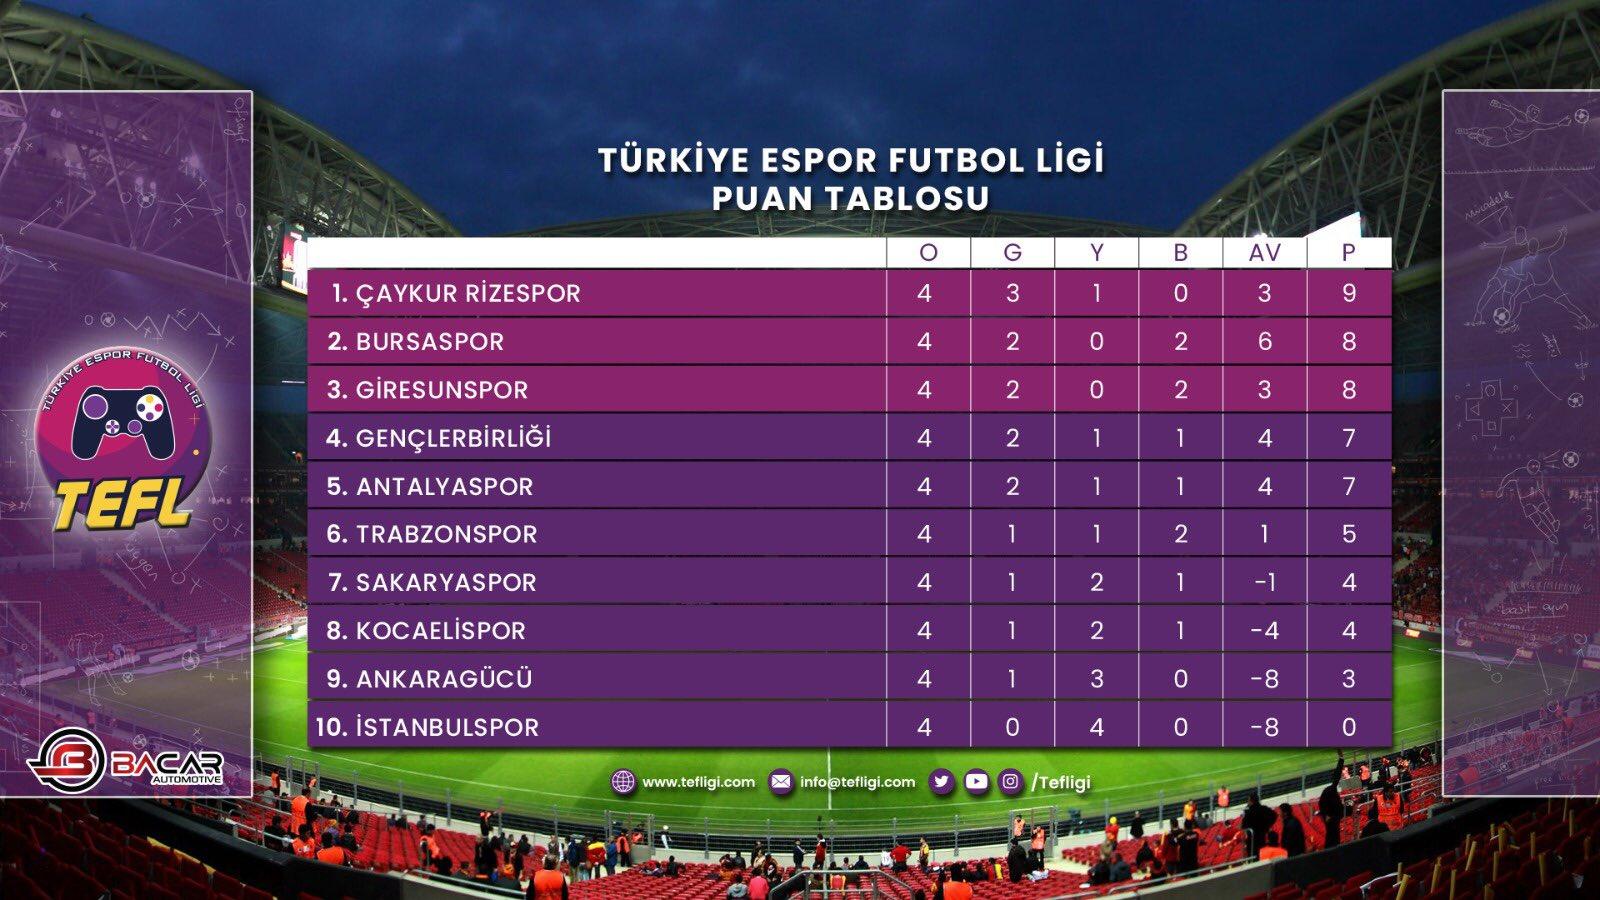 E-Spor TEF Ligi'nde puan durumu nasıl?